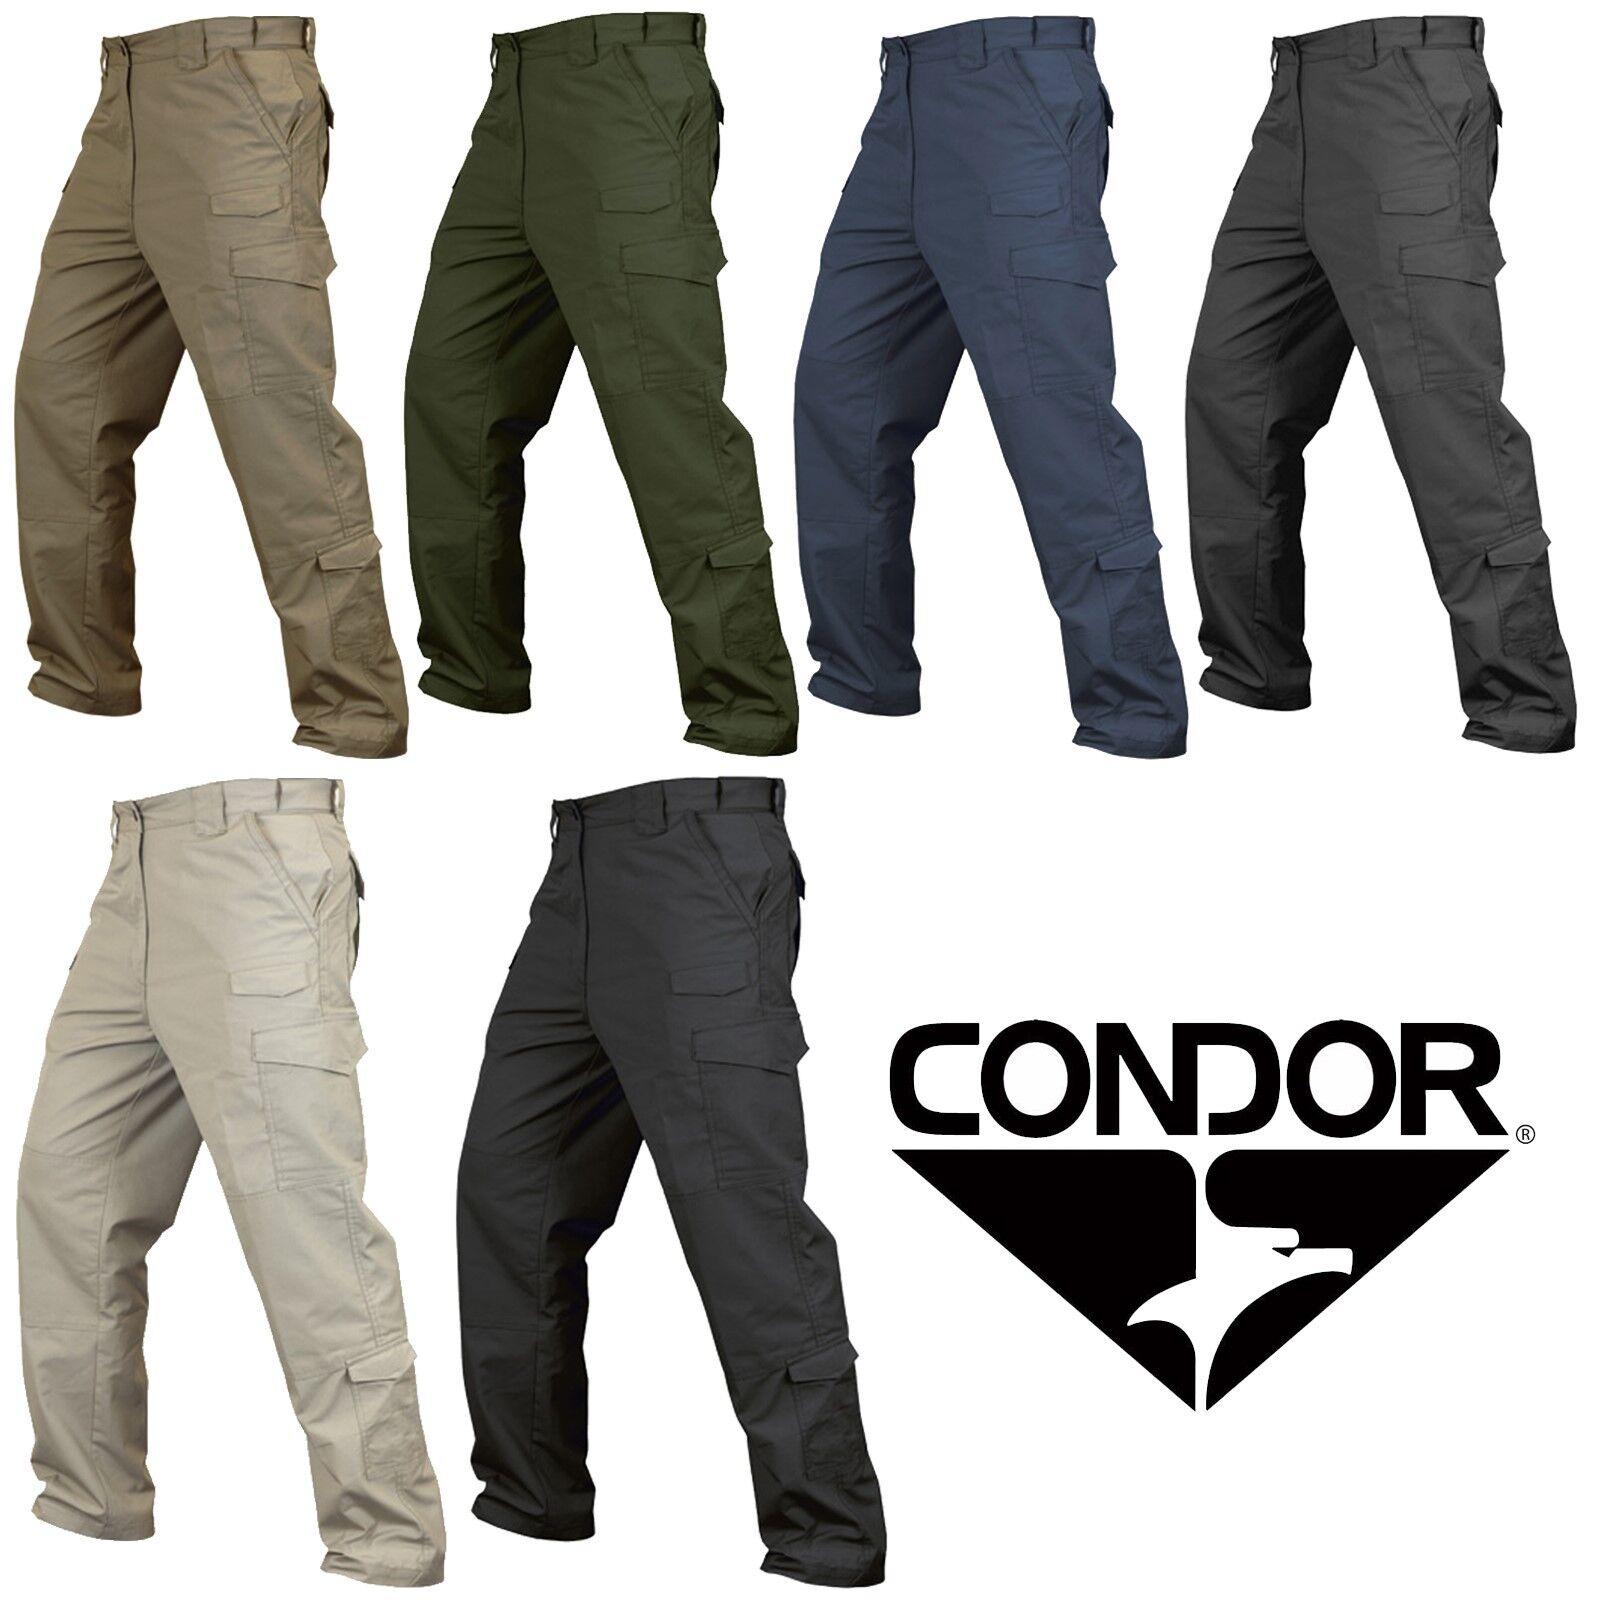 Condor 608 Sentinel Tactical Deep Pocketed Combat Outdoor Ri